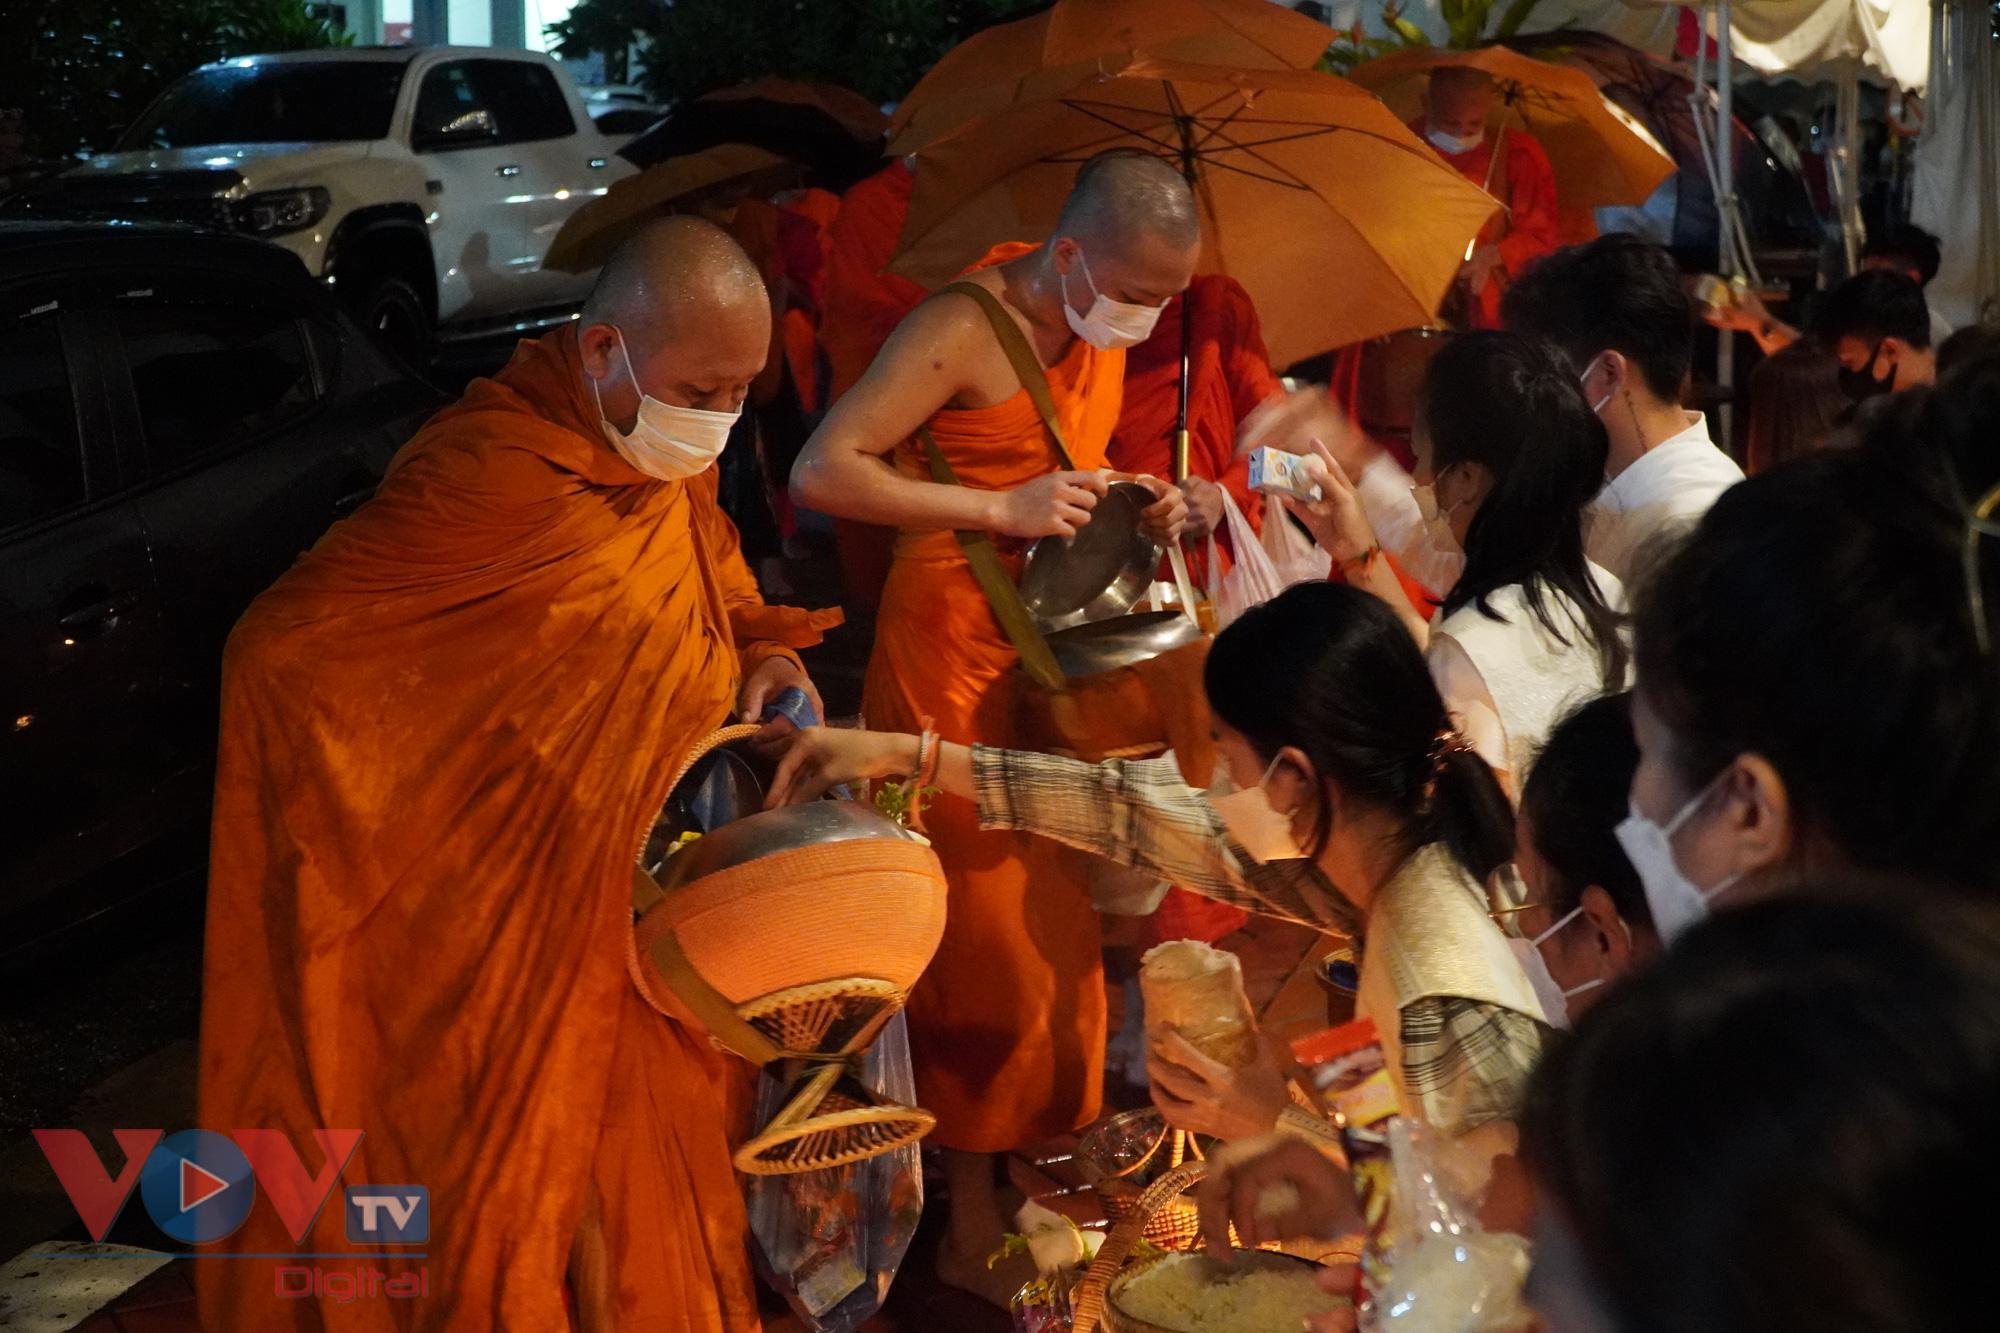 Truyền thống nghi lễ khất thực Xaybath ở Lào xuất hiện từ thế kỷ 14. Đây là 1 trong những nét đẹp truyền thống lâu đời của nền văn hóa Phật giáo của xứ sở Triệu Voi